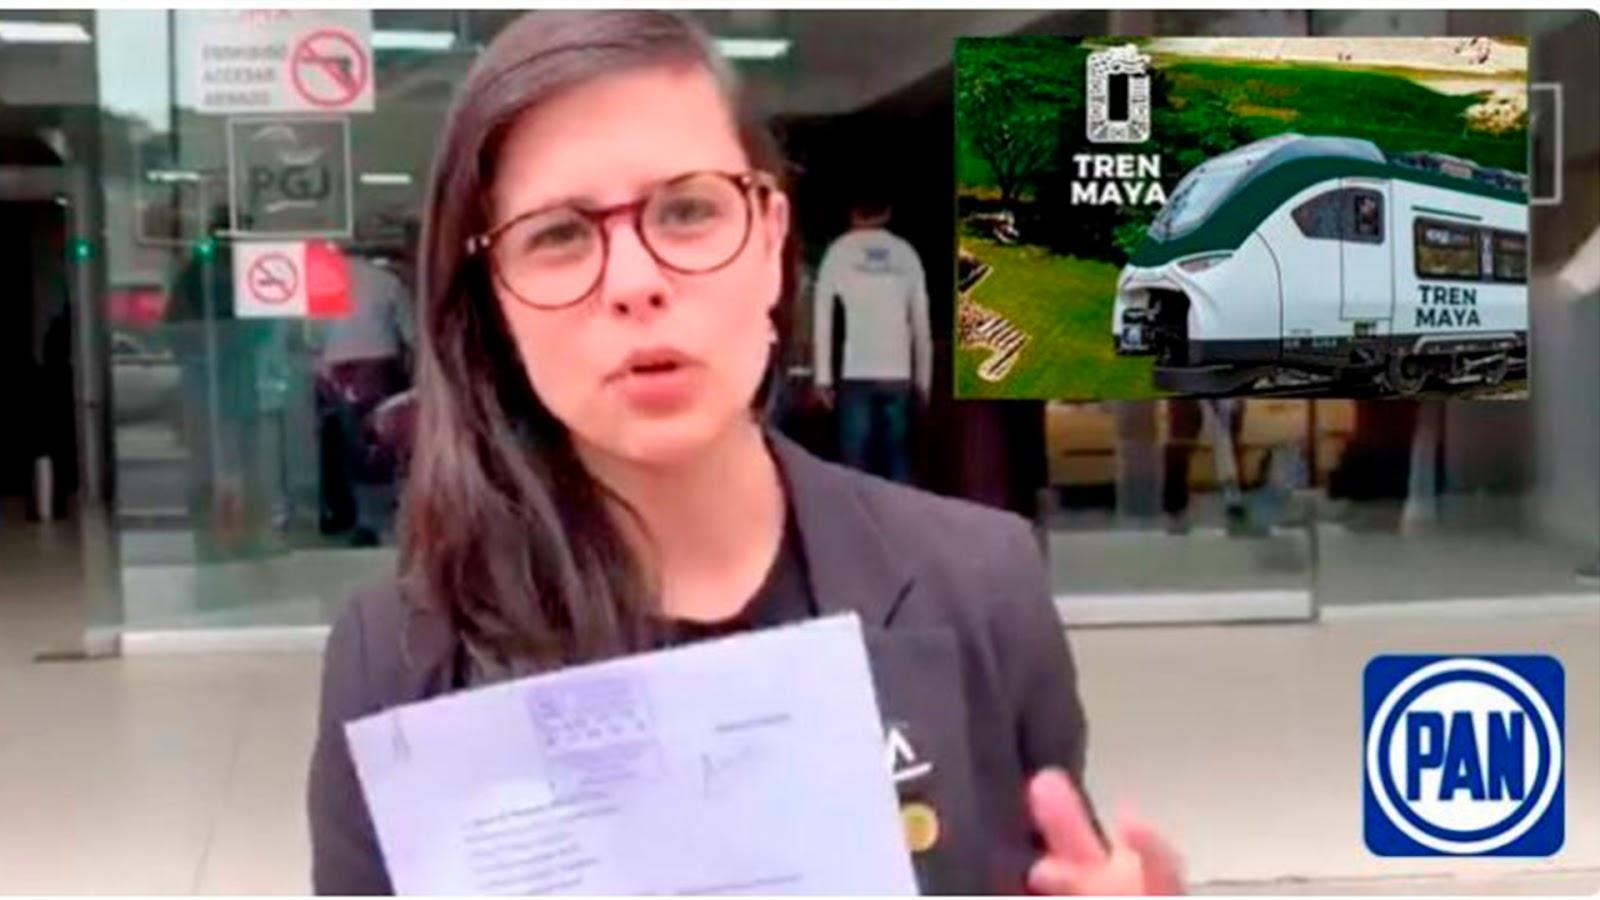 Apoyar el Tren Maya también es racismo», dice diputada plurinominal del PAN